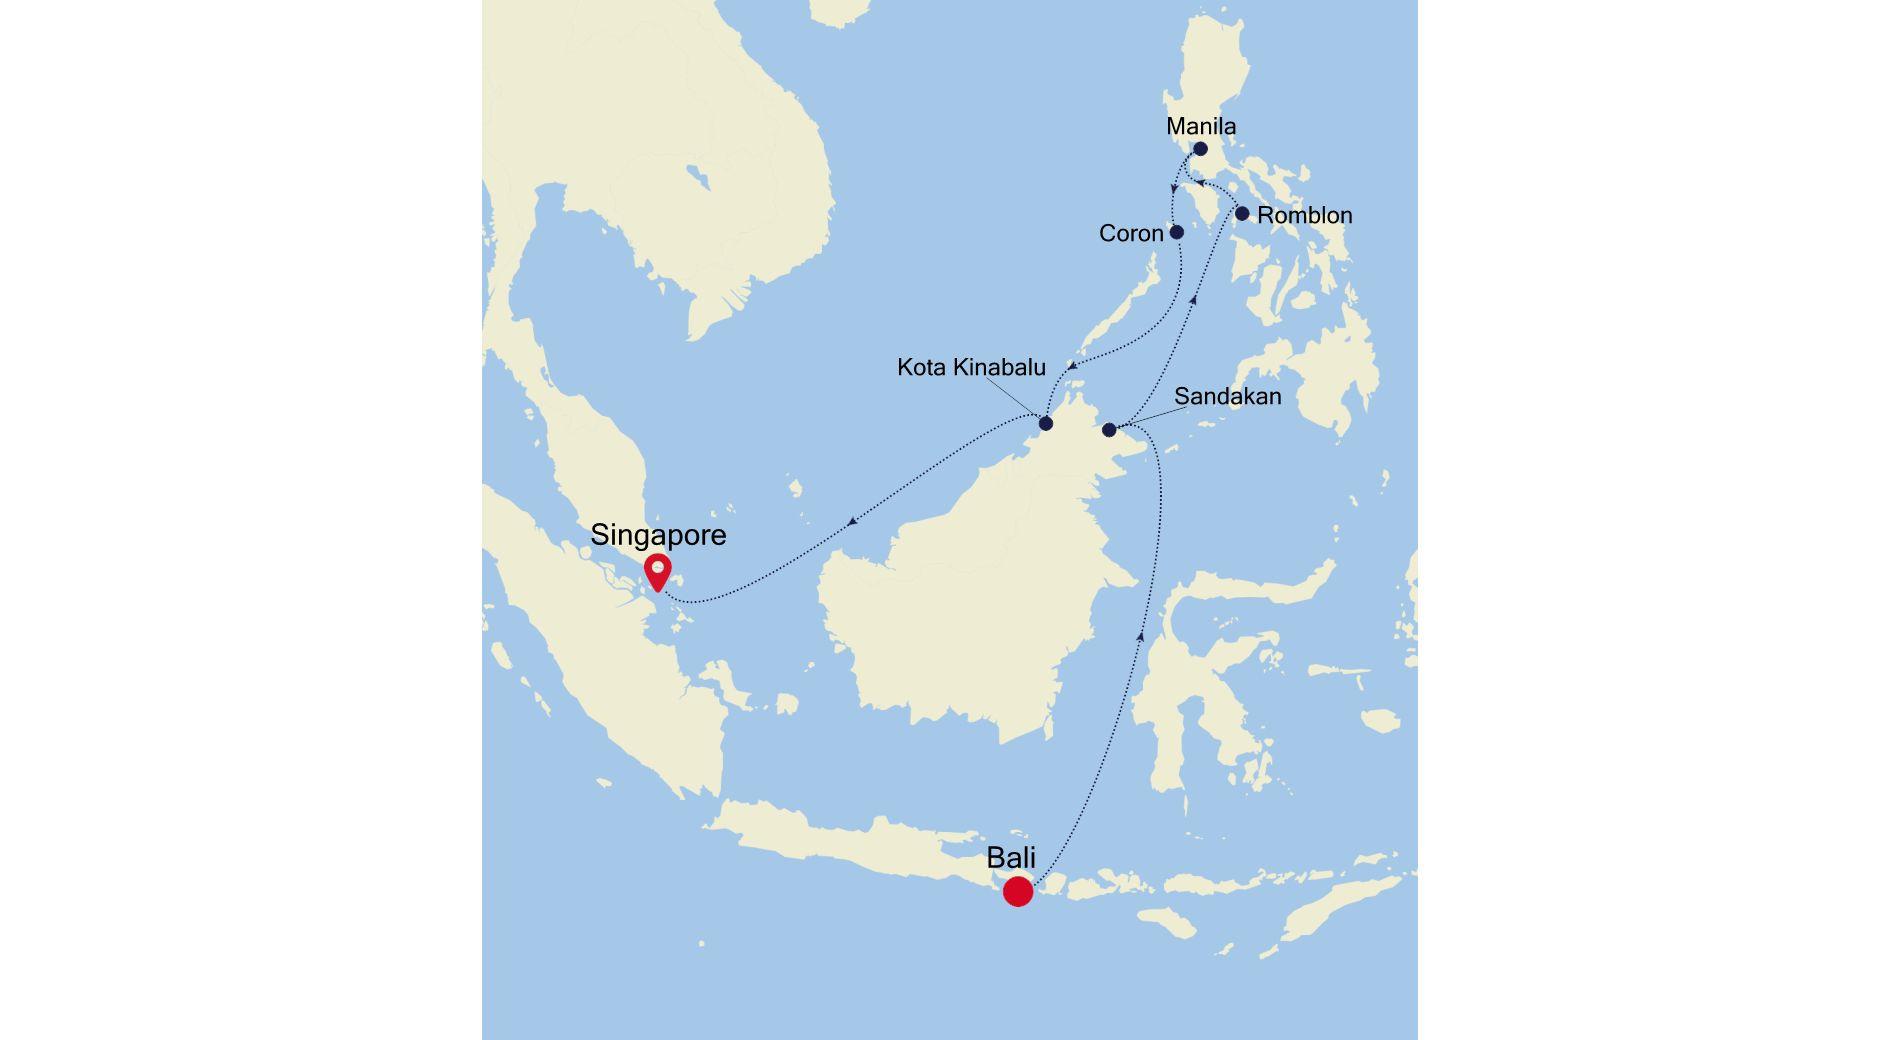 6905 - Bali à Singapore